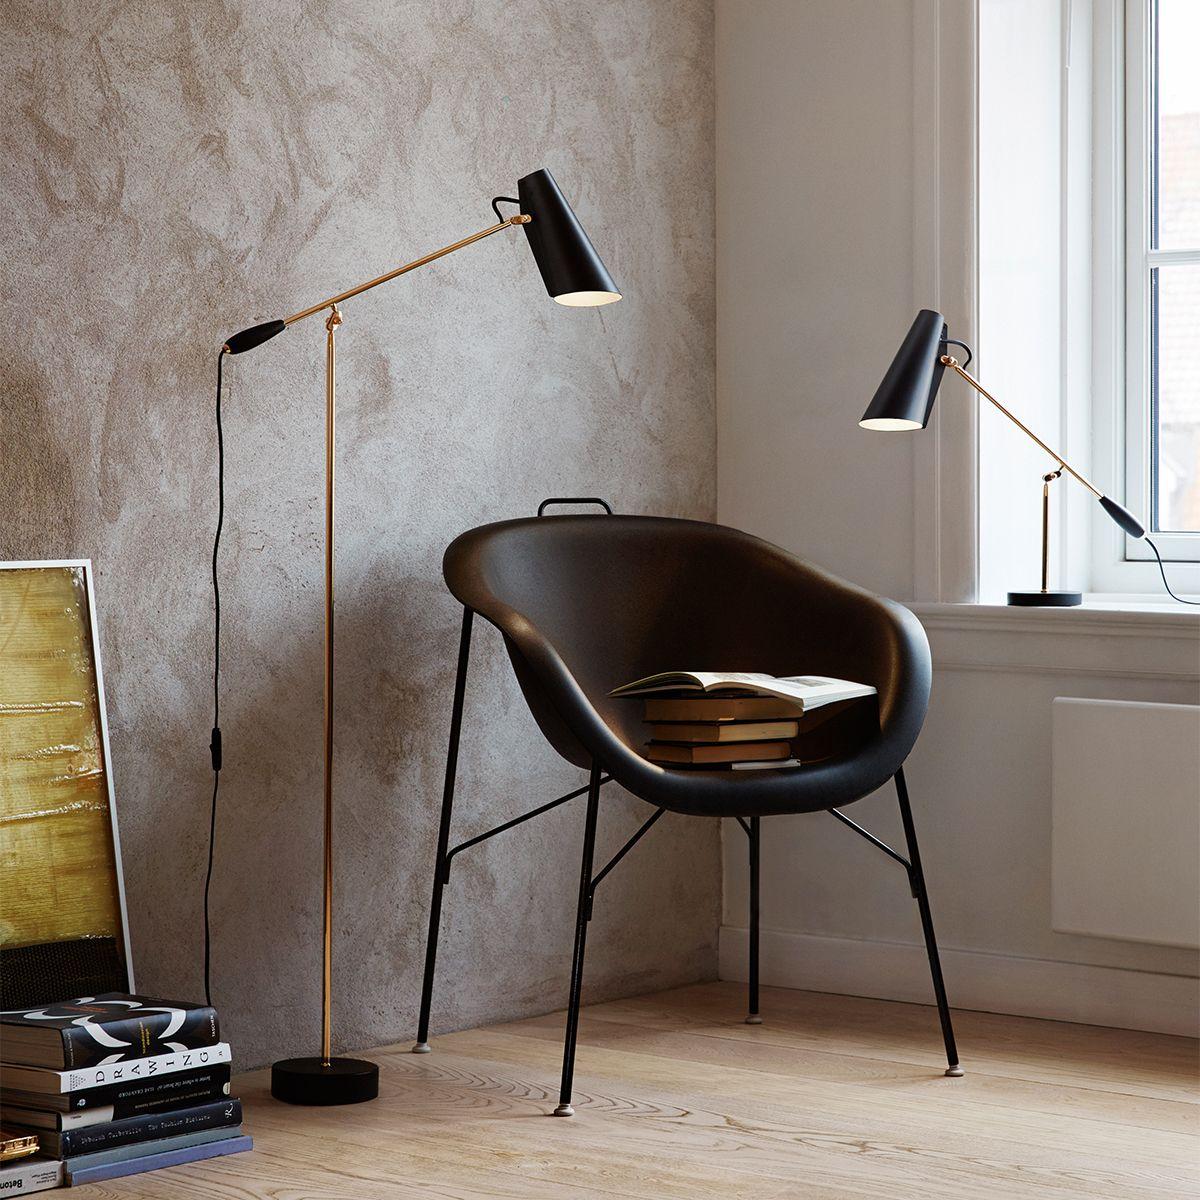 Northern Lighting Stehleuchte Birdy, Schwarz   318 Euro Floor Lamp